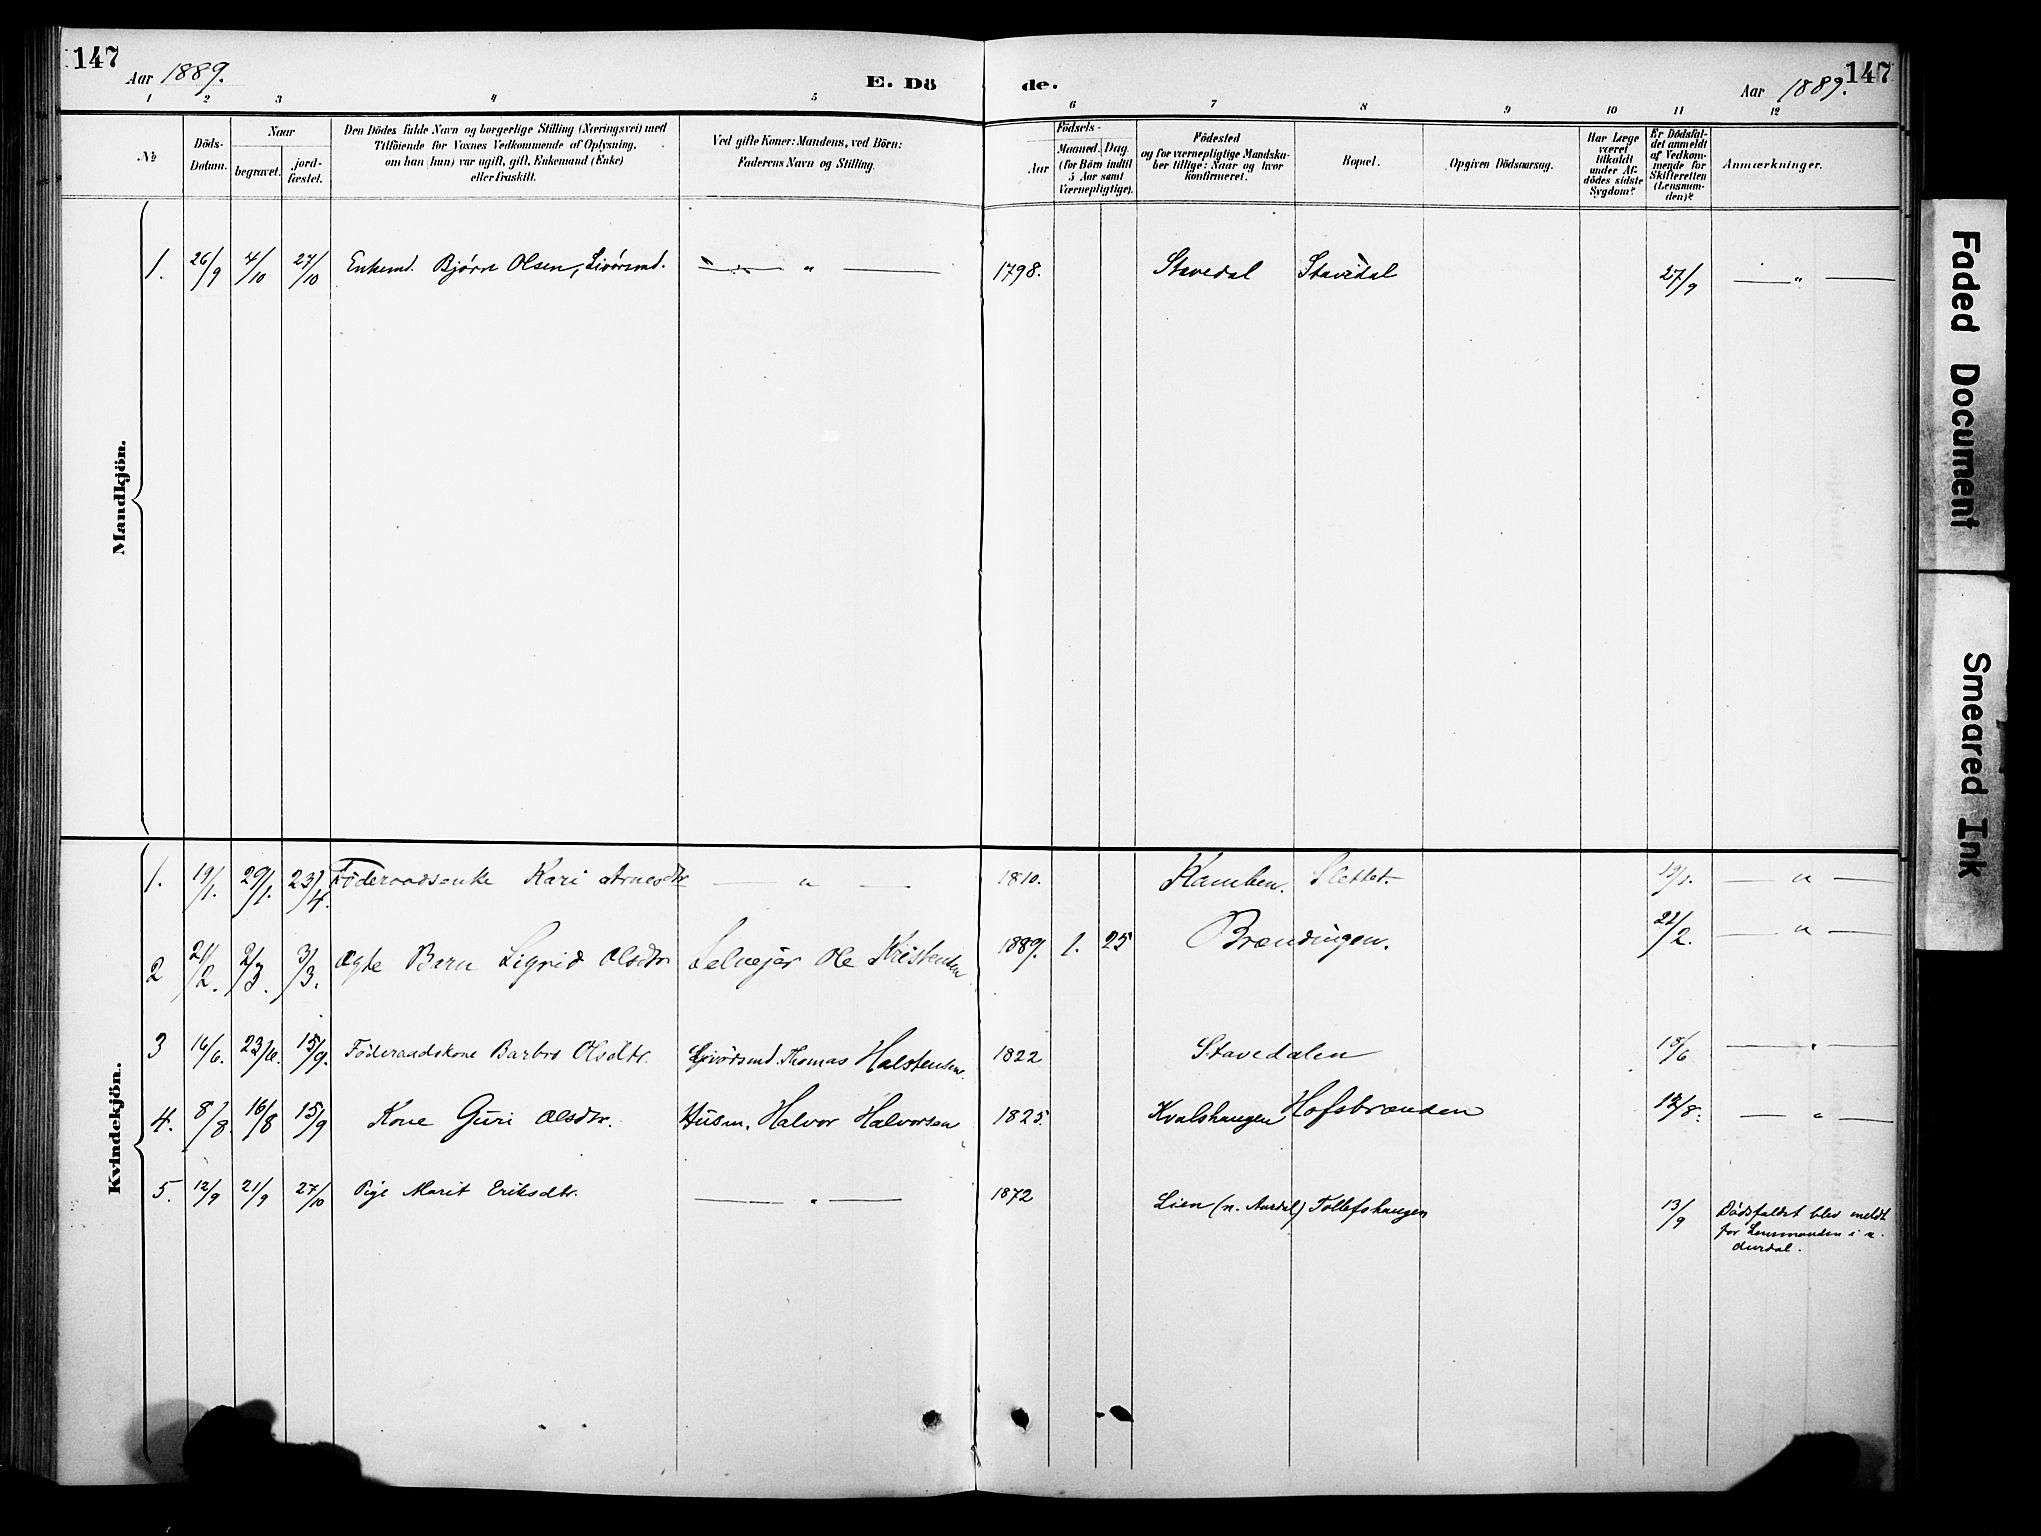 SAH, Sør-Aurdal prestekontor, Ministerialbok nr. 10, 1886-1906, s. 147